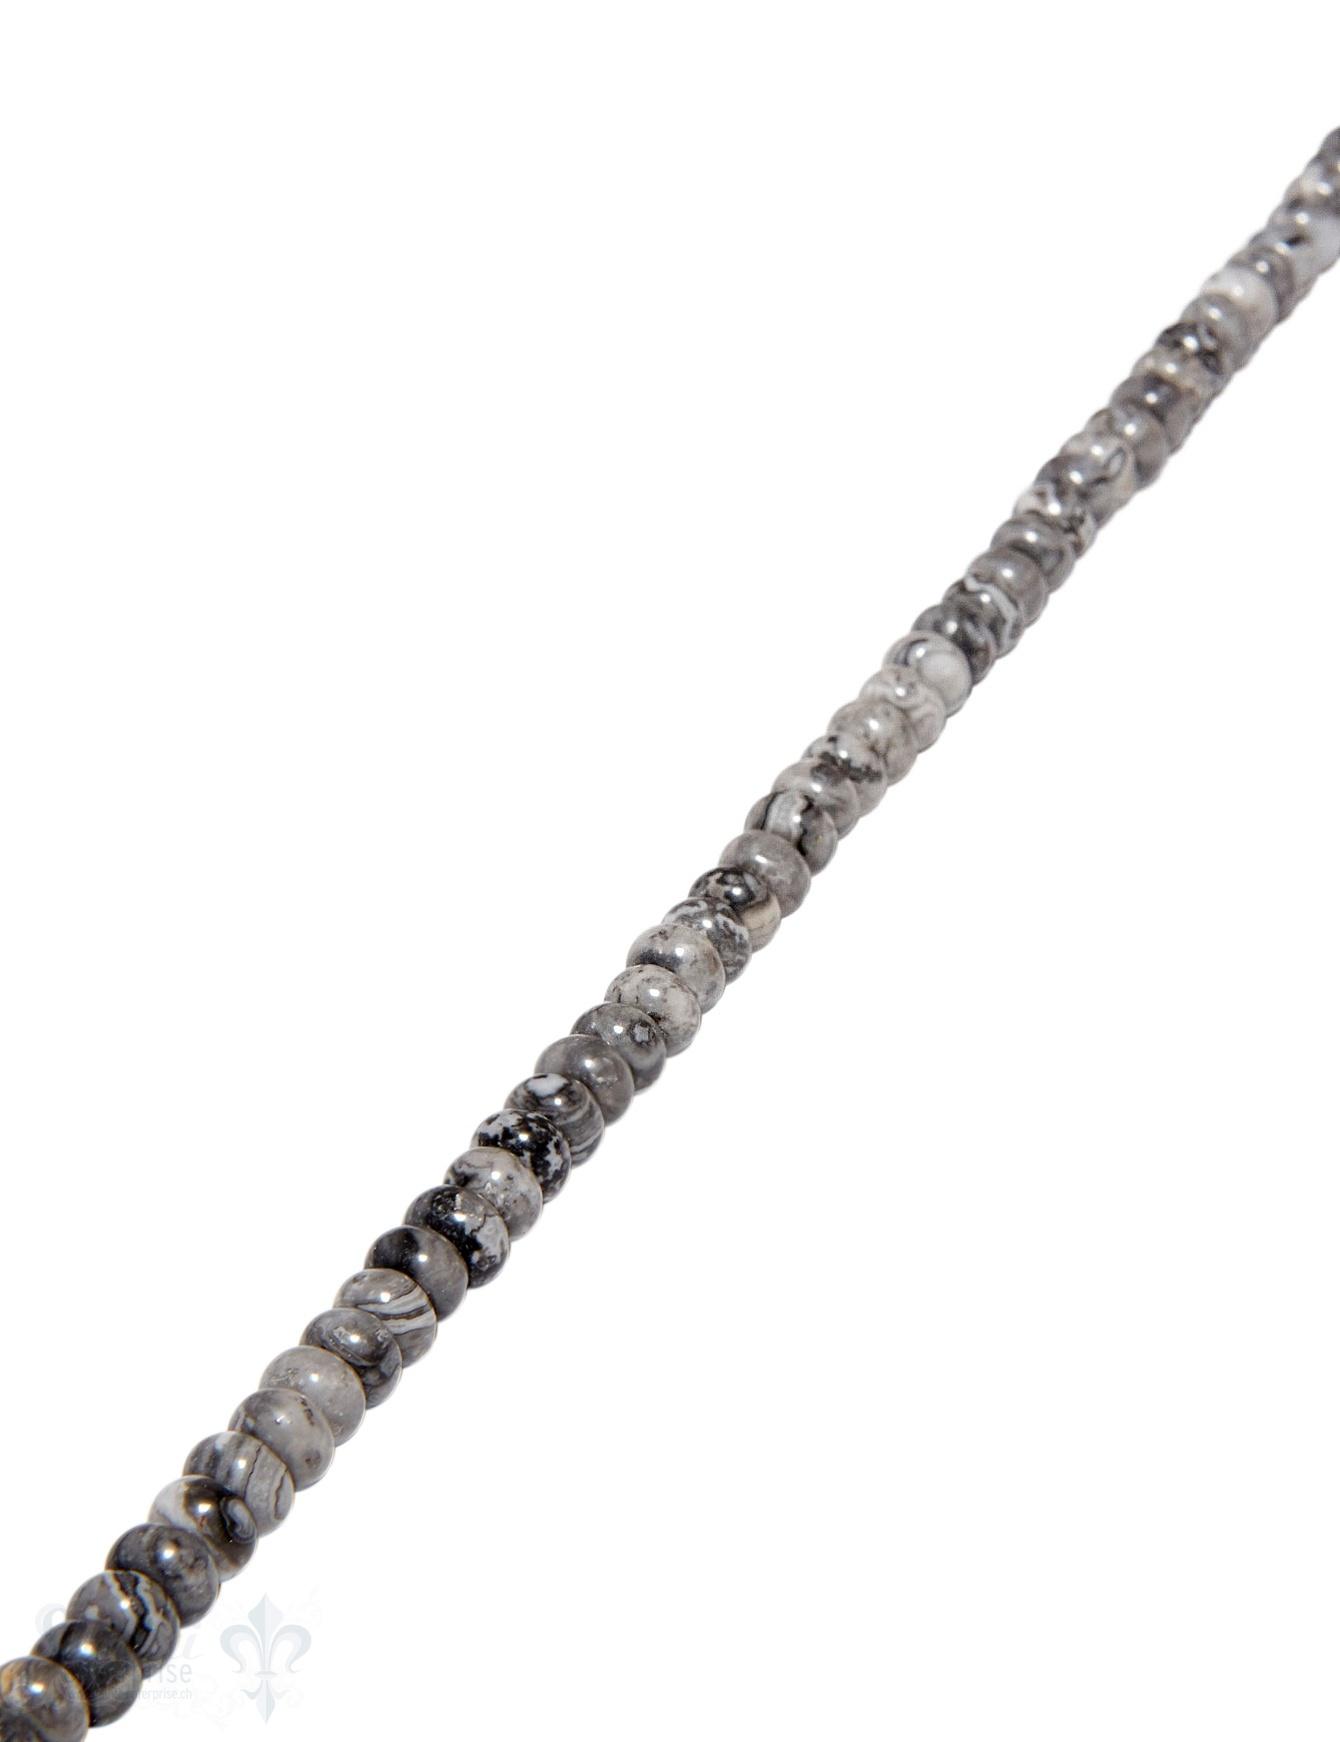 Fossilien-Jaspis Strang grau gefleckt poliert